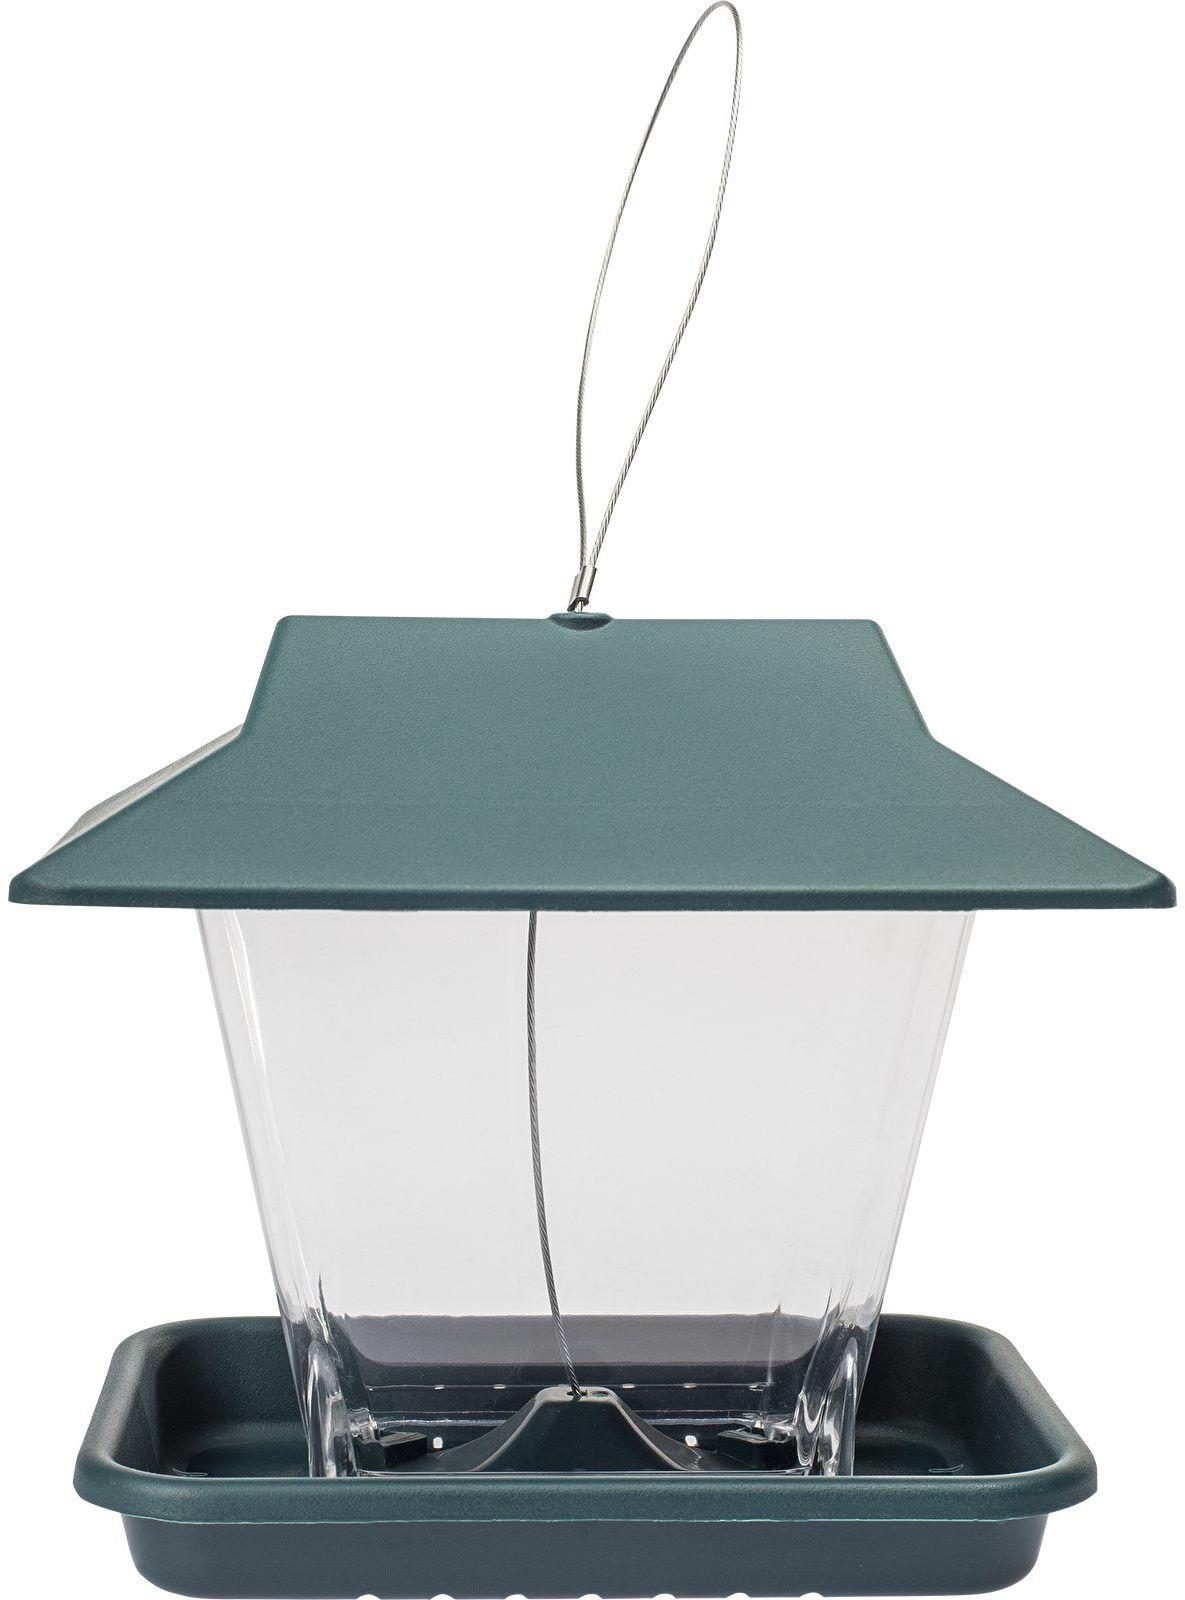 Plastikowy karmnik dla ptaków zielony,19,5x14,5cm